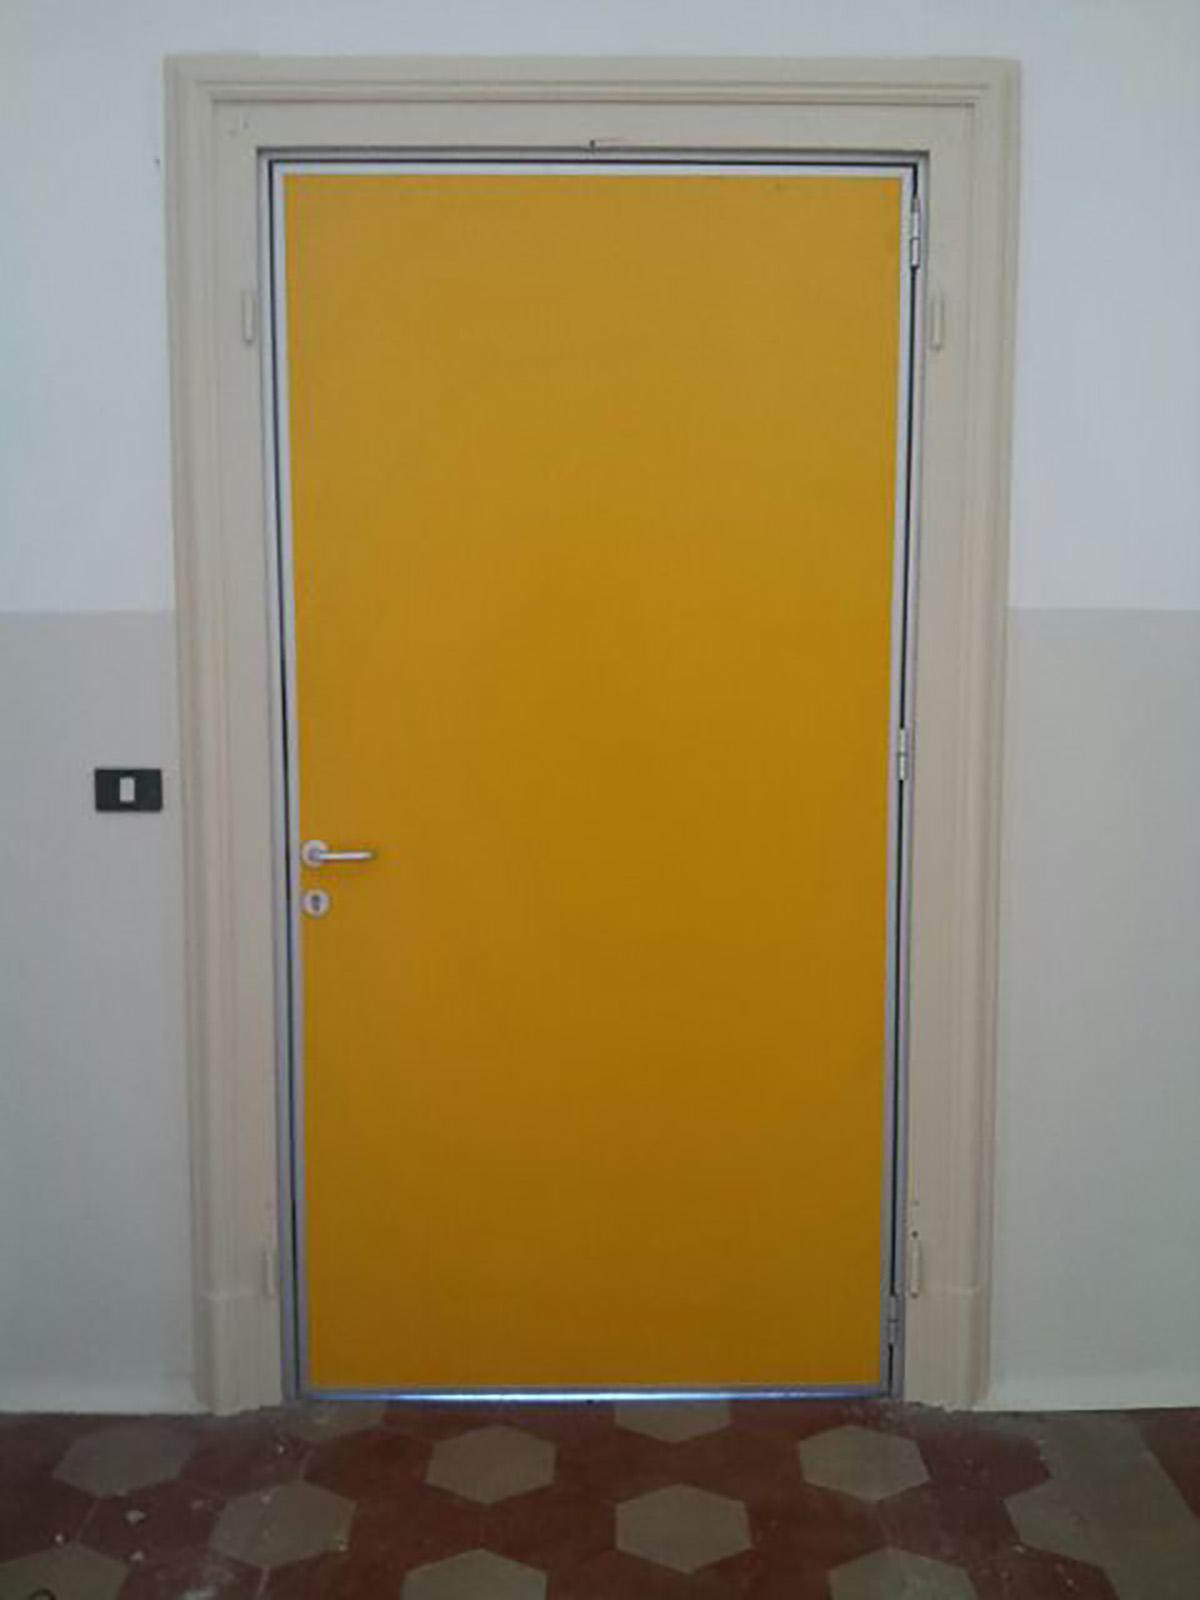 Perico-Renato-Pradalunga (BG) - Scuola comunale - Manutenzione straordinaria 13